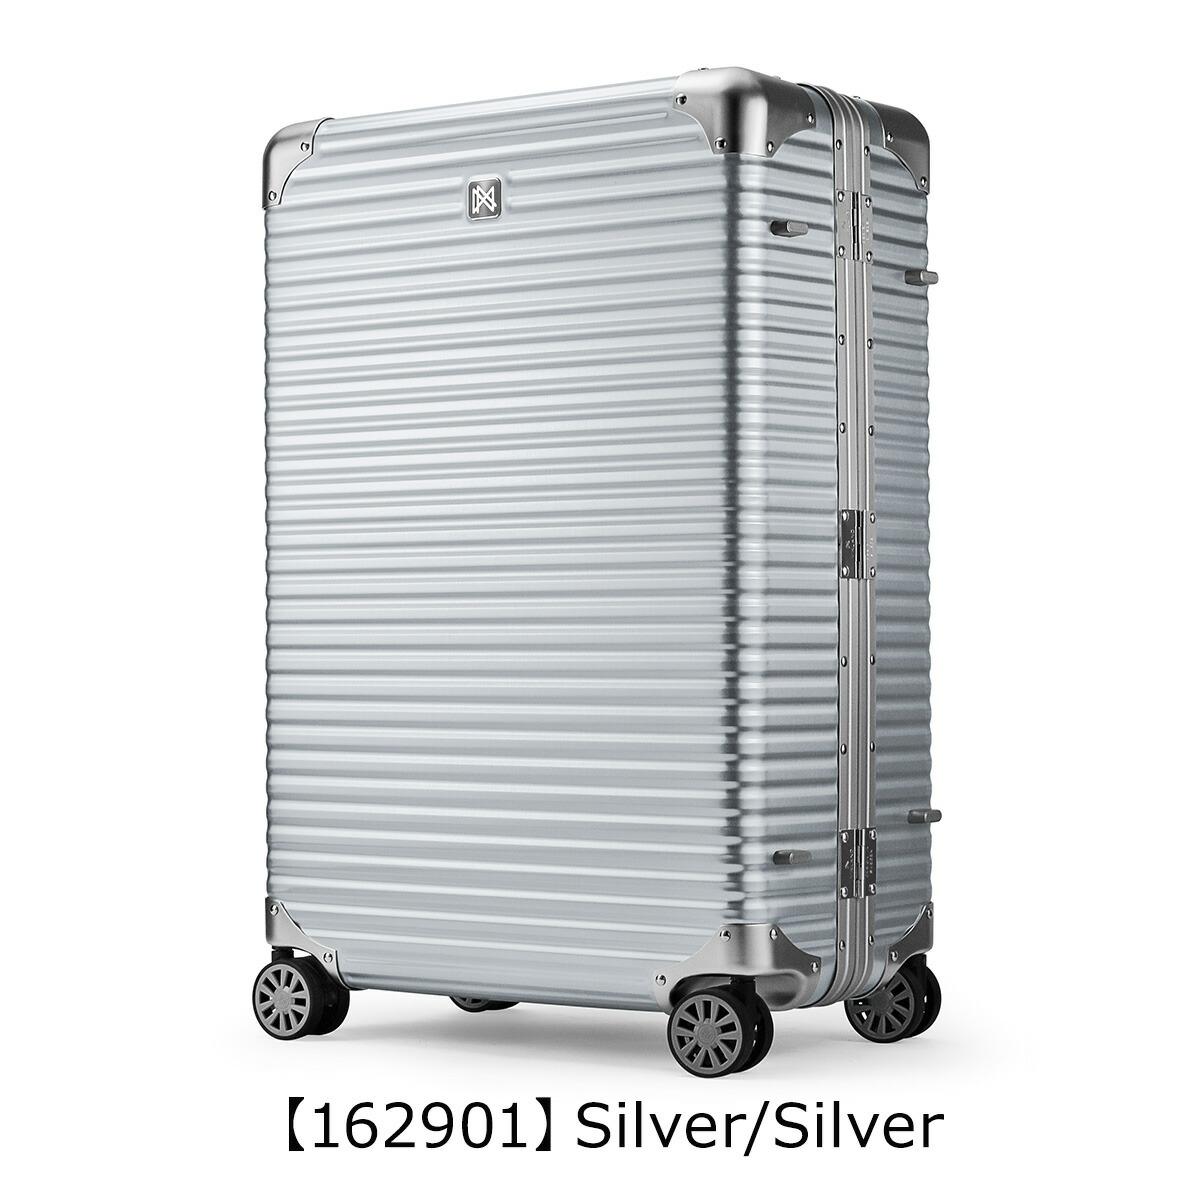 【162901】Silver/Silver